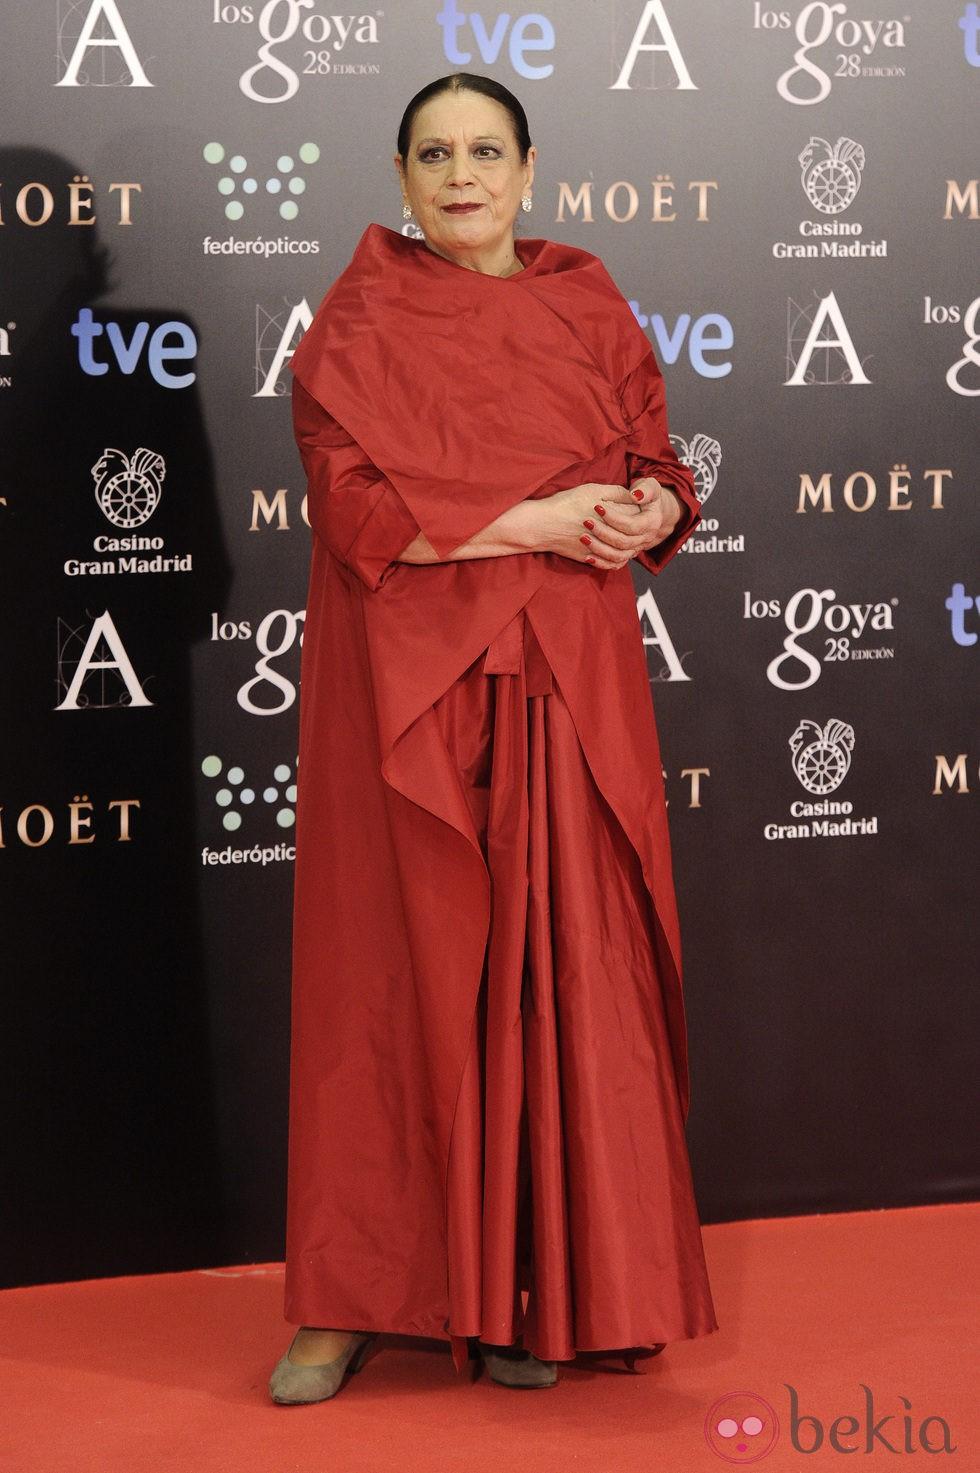 Terele Pávez en la alfombra roja de los Goya 2014